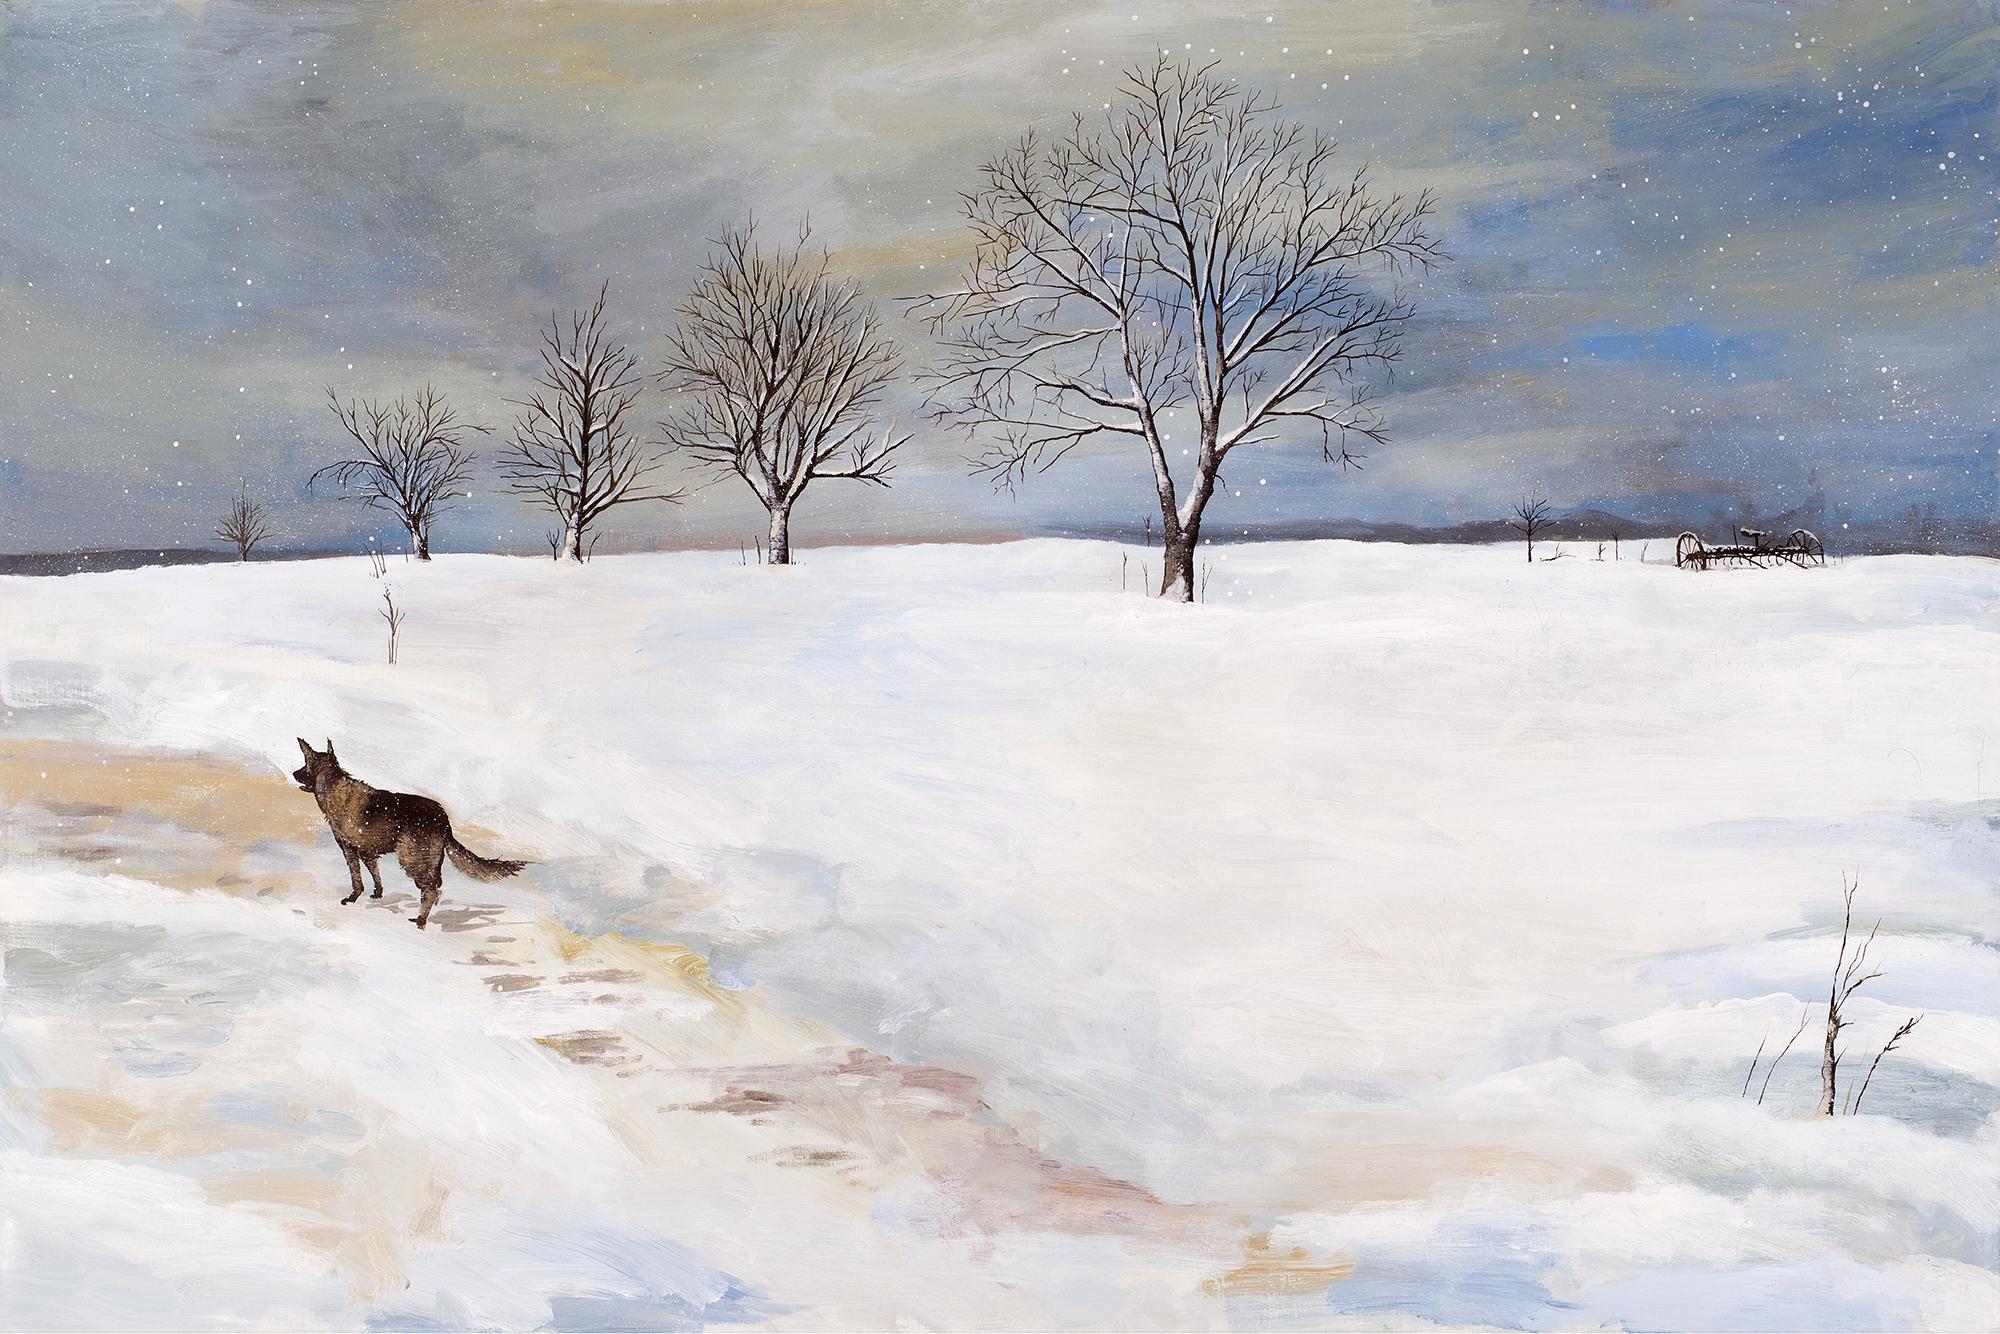 Priscilla's Winter